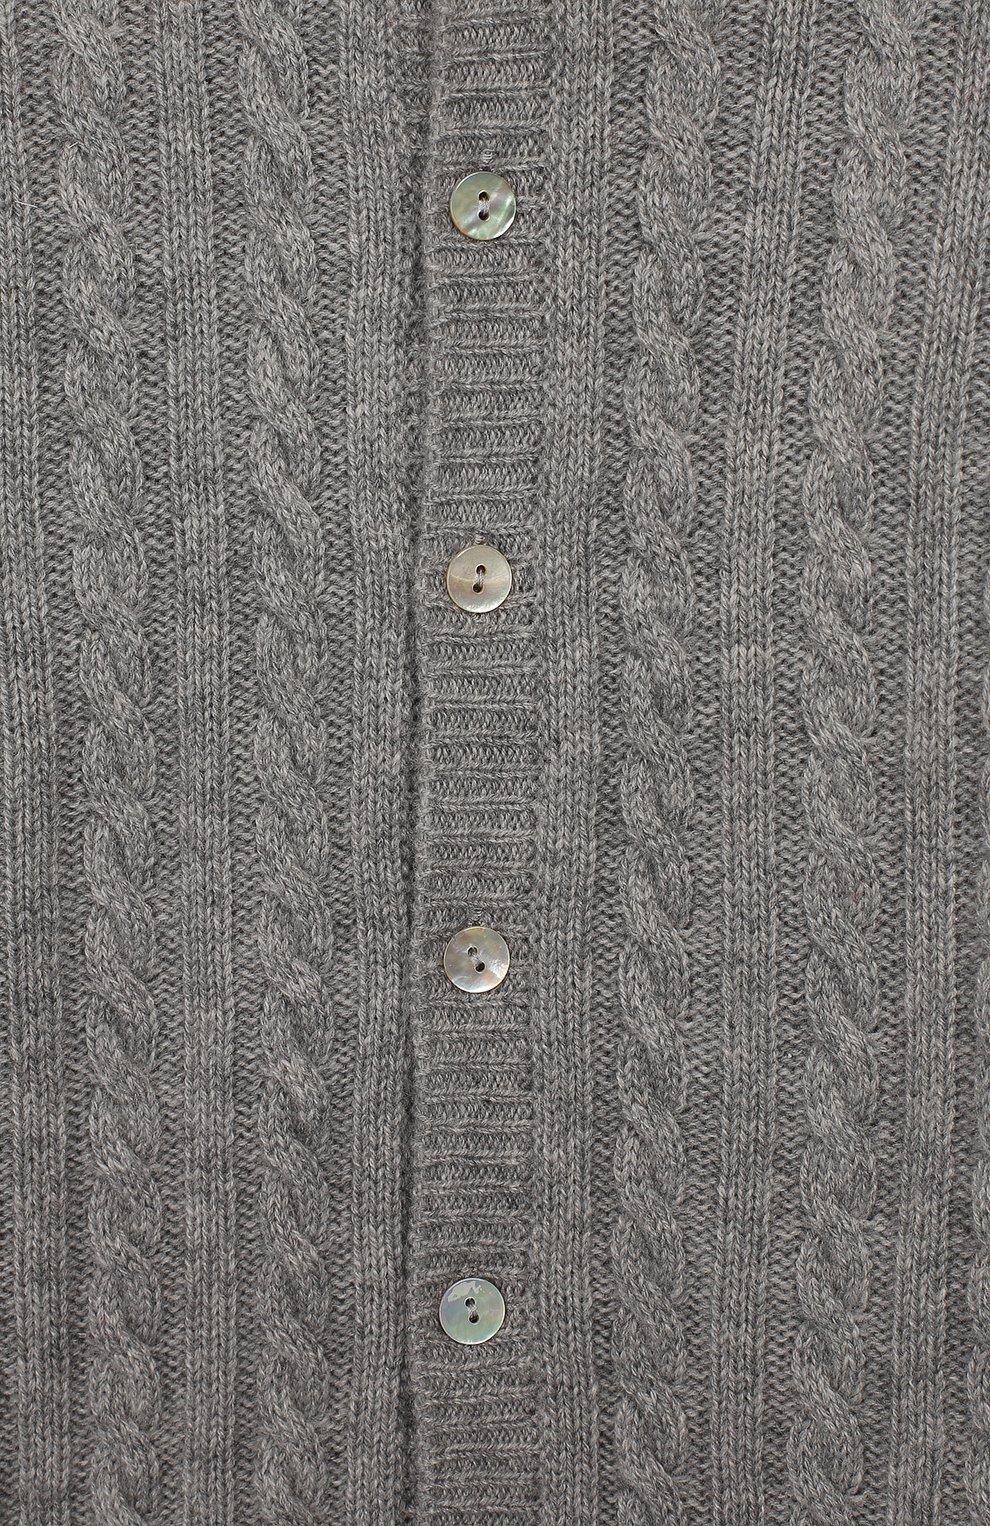 Детский кашемировый комбинезон с капюшоном LA PERLA серого цвета, арт. 59975/1M-12M | Фото 3